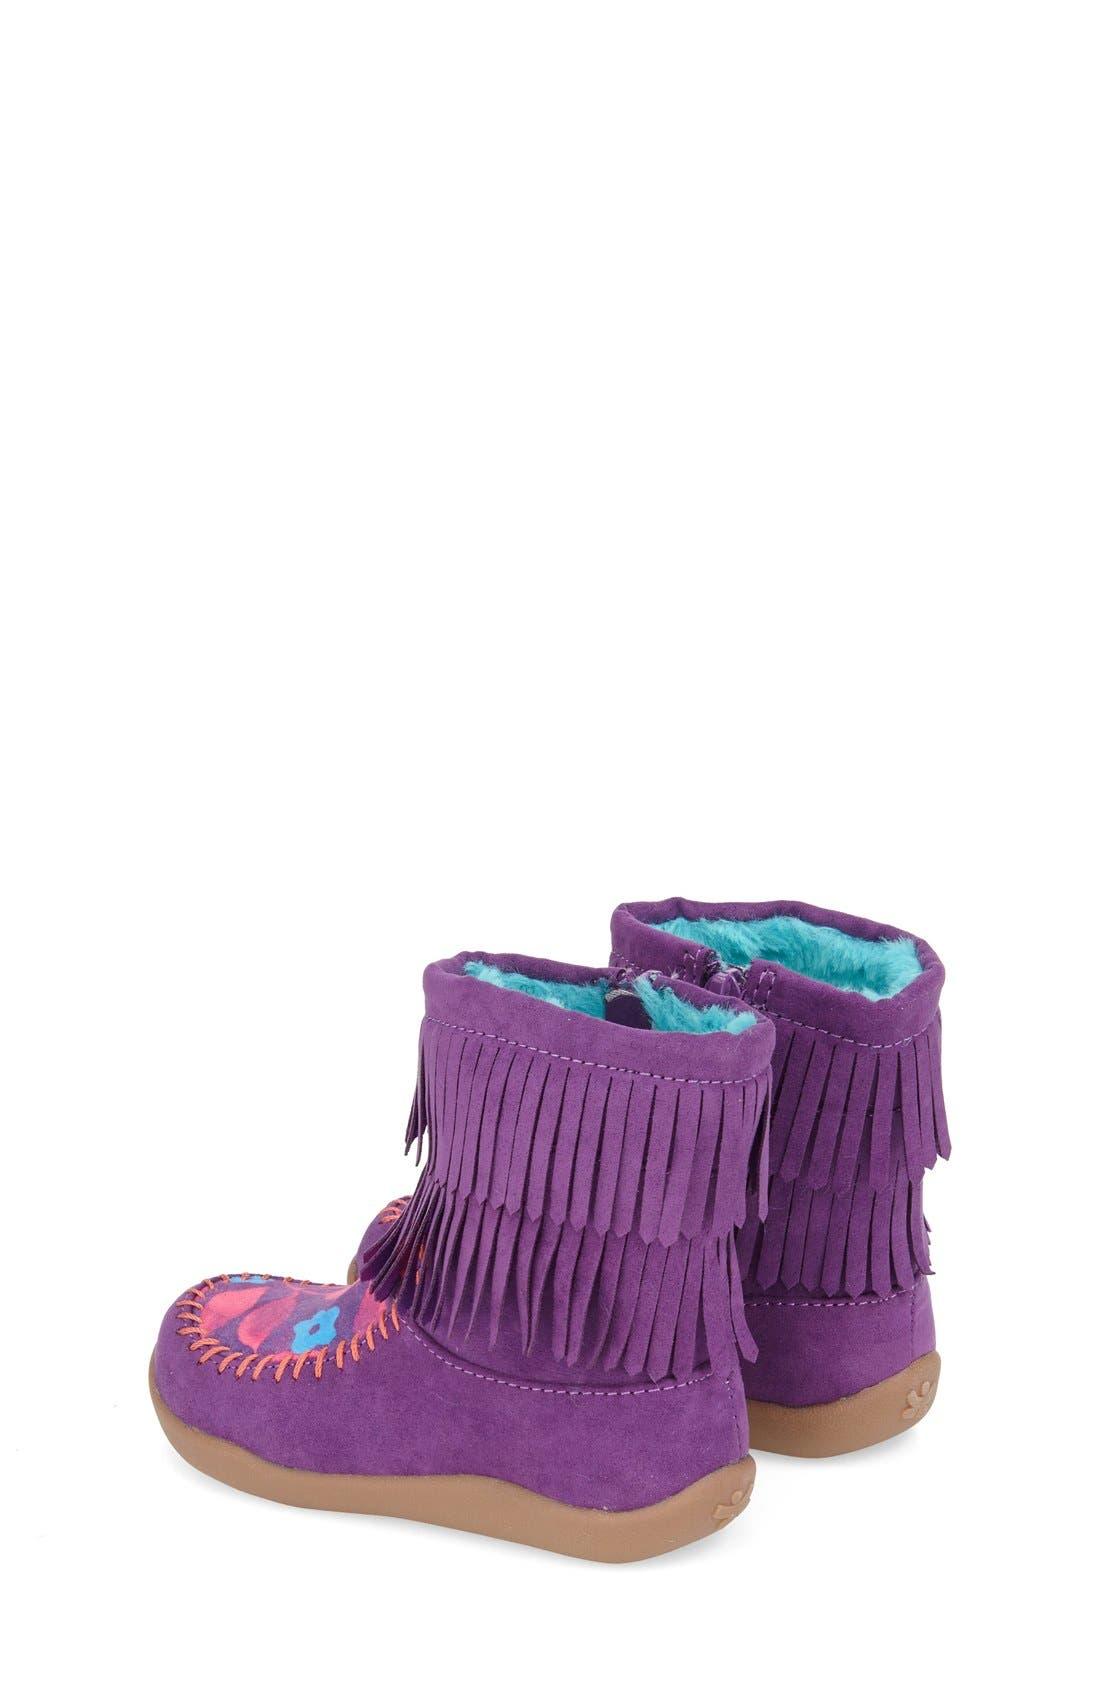 Fringe Bootie,                             Alternate thumbnail 2, color,                             Purple Faux Leather